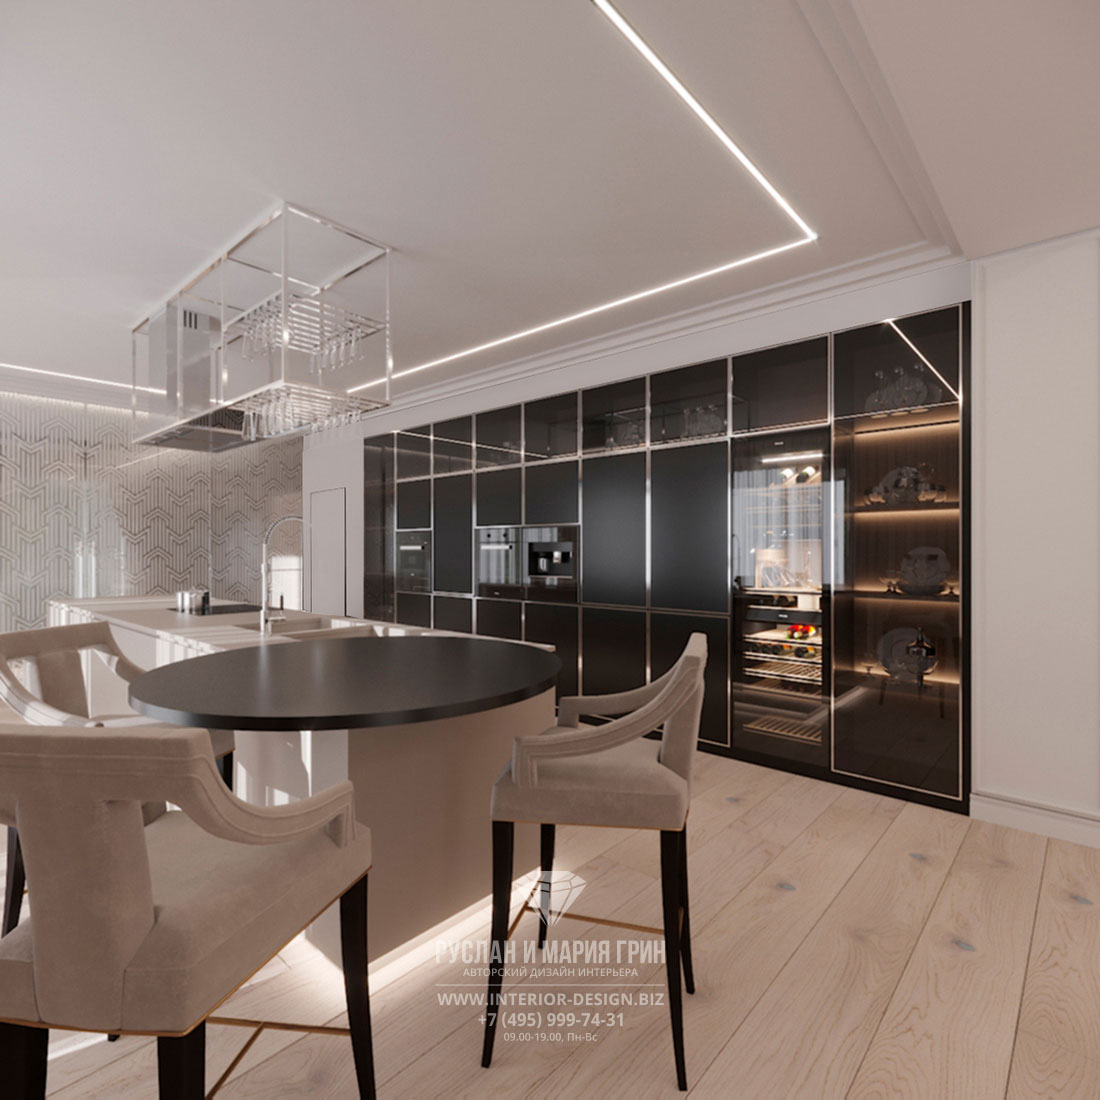 Дизайн интерьера гостиной в стиле минимализм